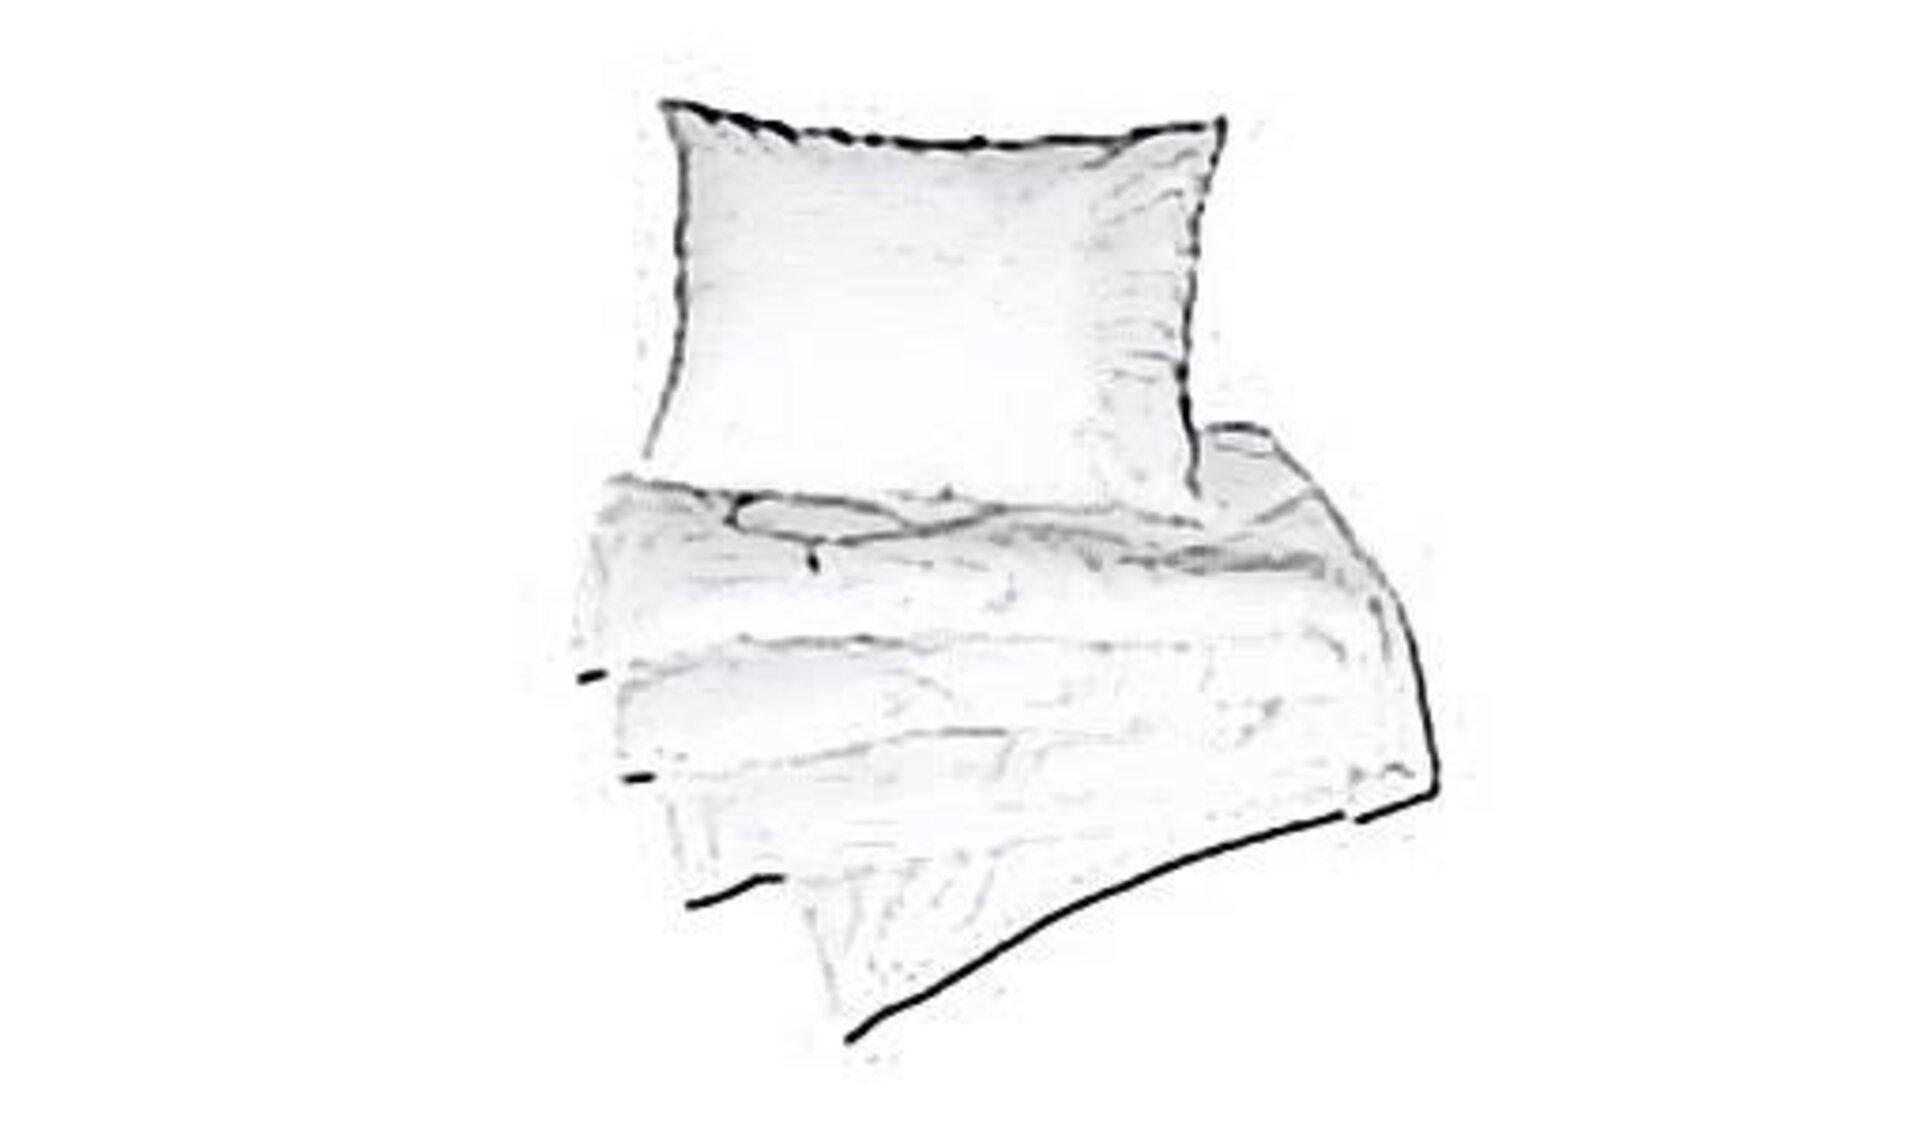 Icon für Kopfkissen und Bettdecken zeigt eine zusammengelegte Steppdecke und darauf ein gefülltes Kopfkissen.